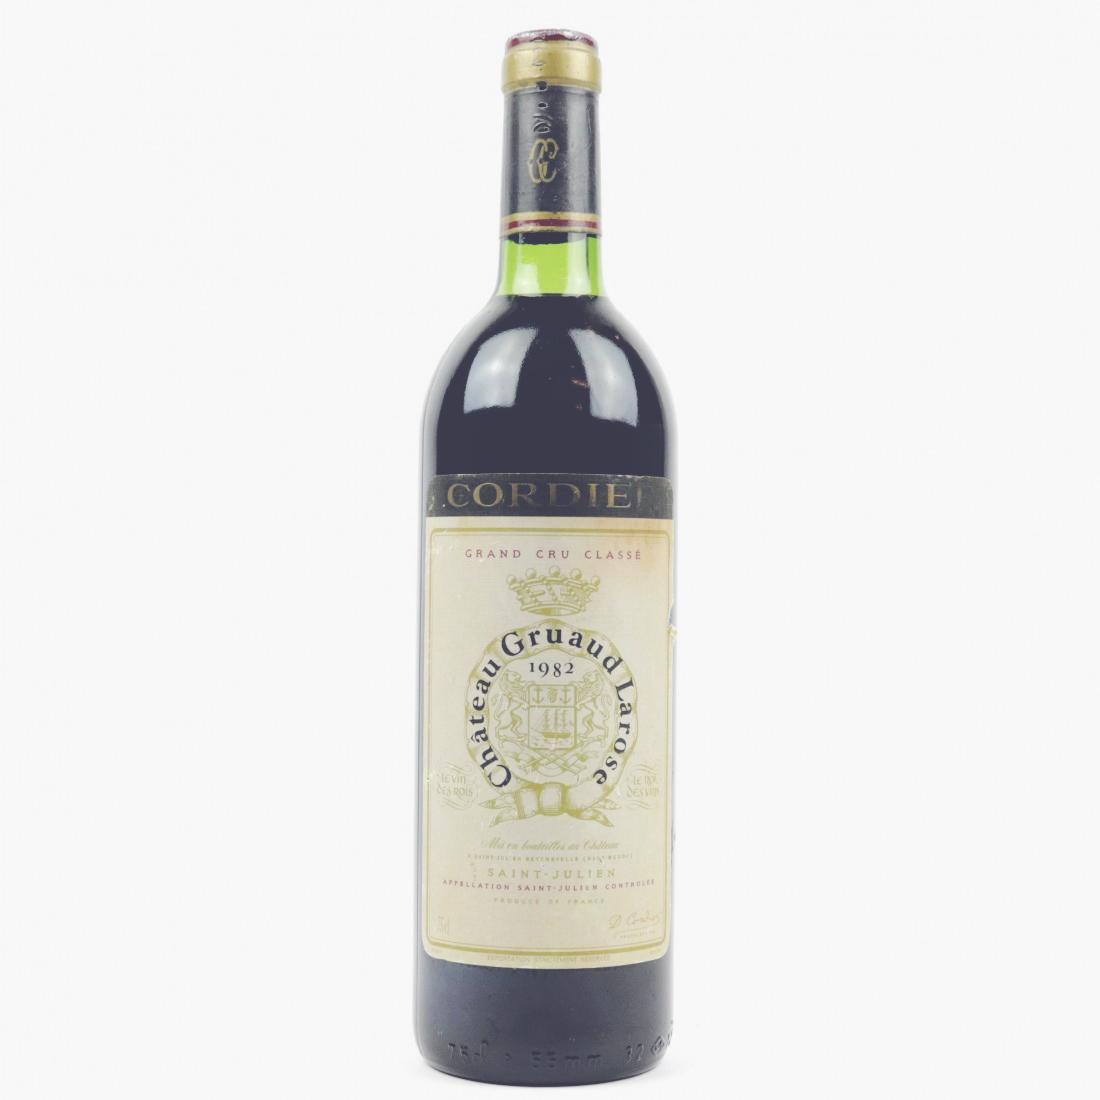 Matt Desert Island Wines - Gruaud LArose 1982